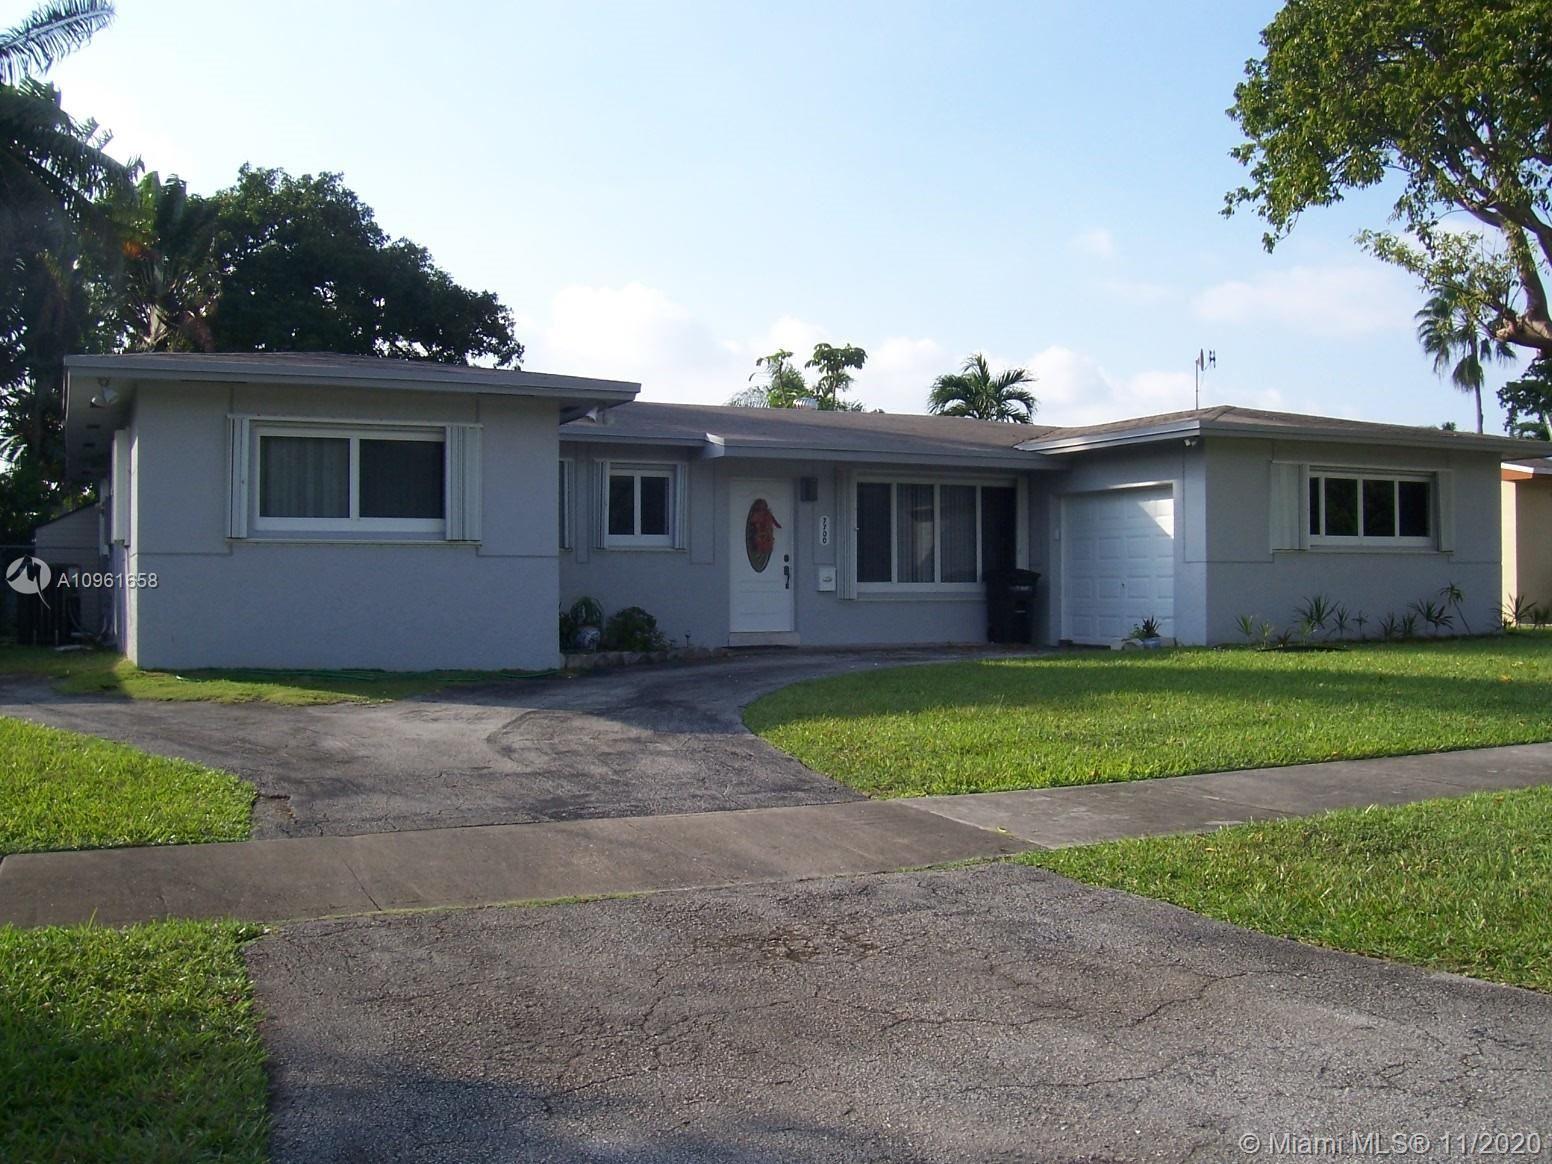 7700 SW 98th Ct, Miami, FL 33173 - #: A10961658